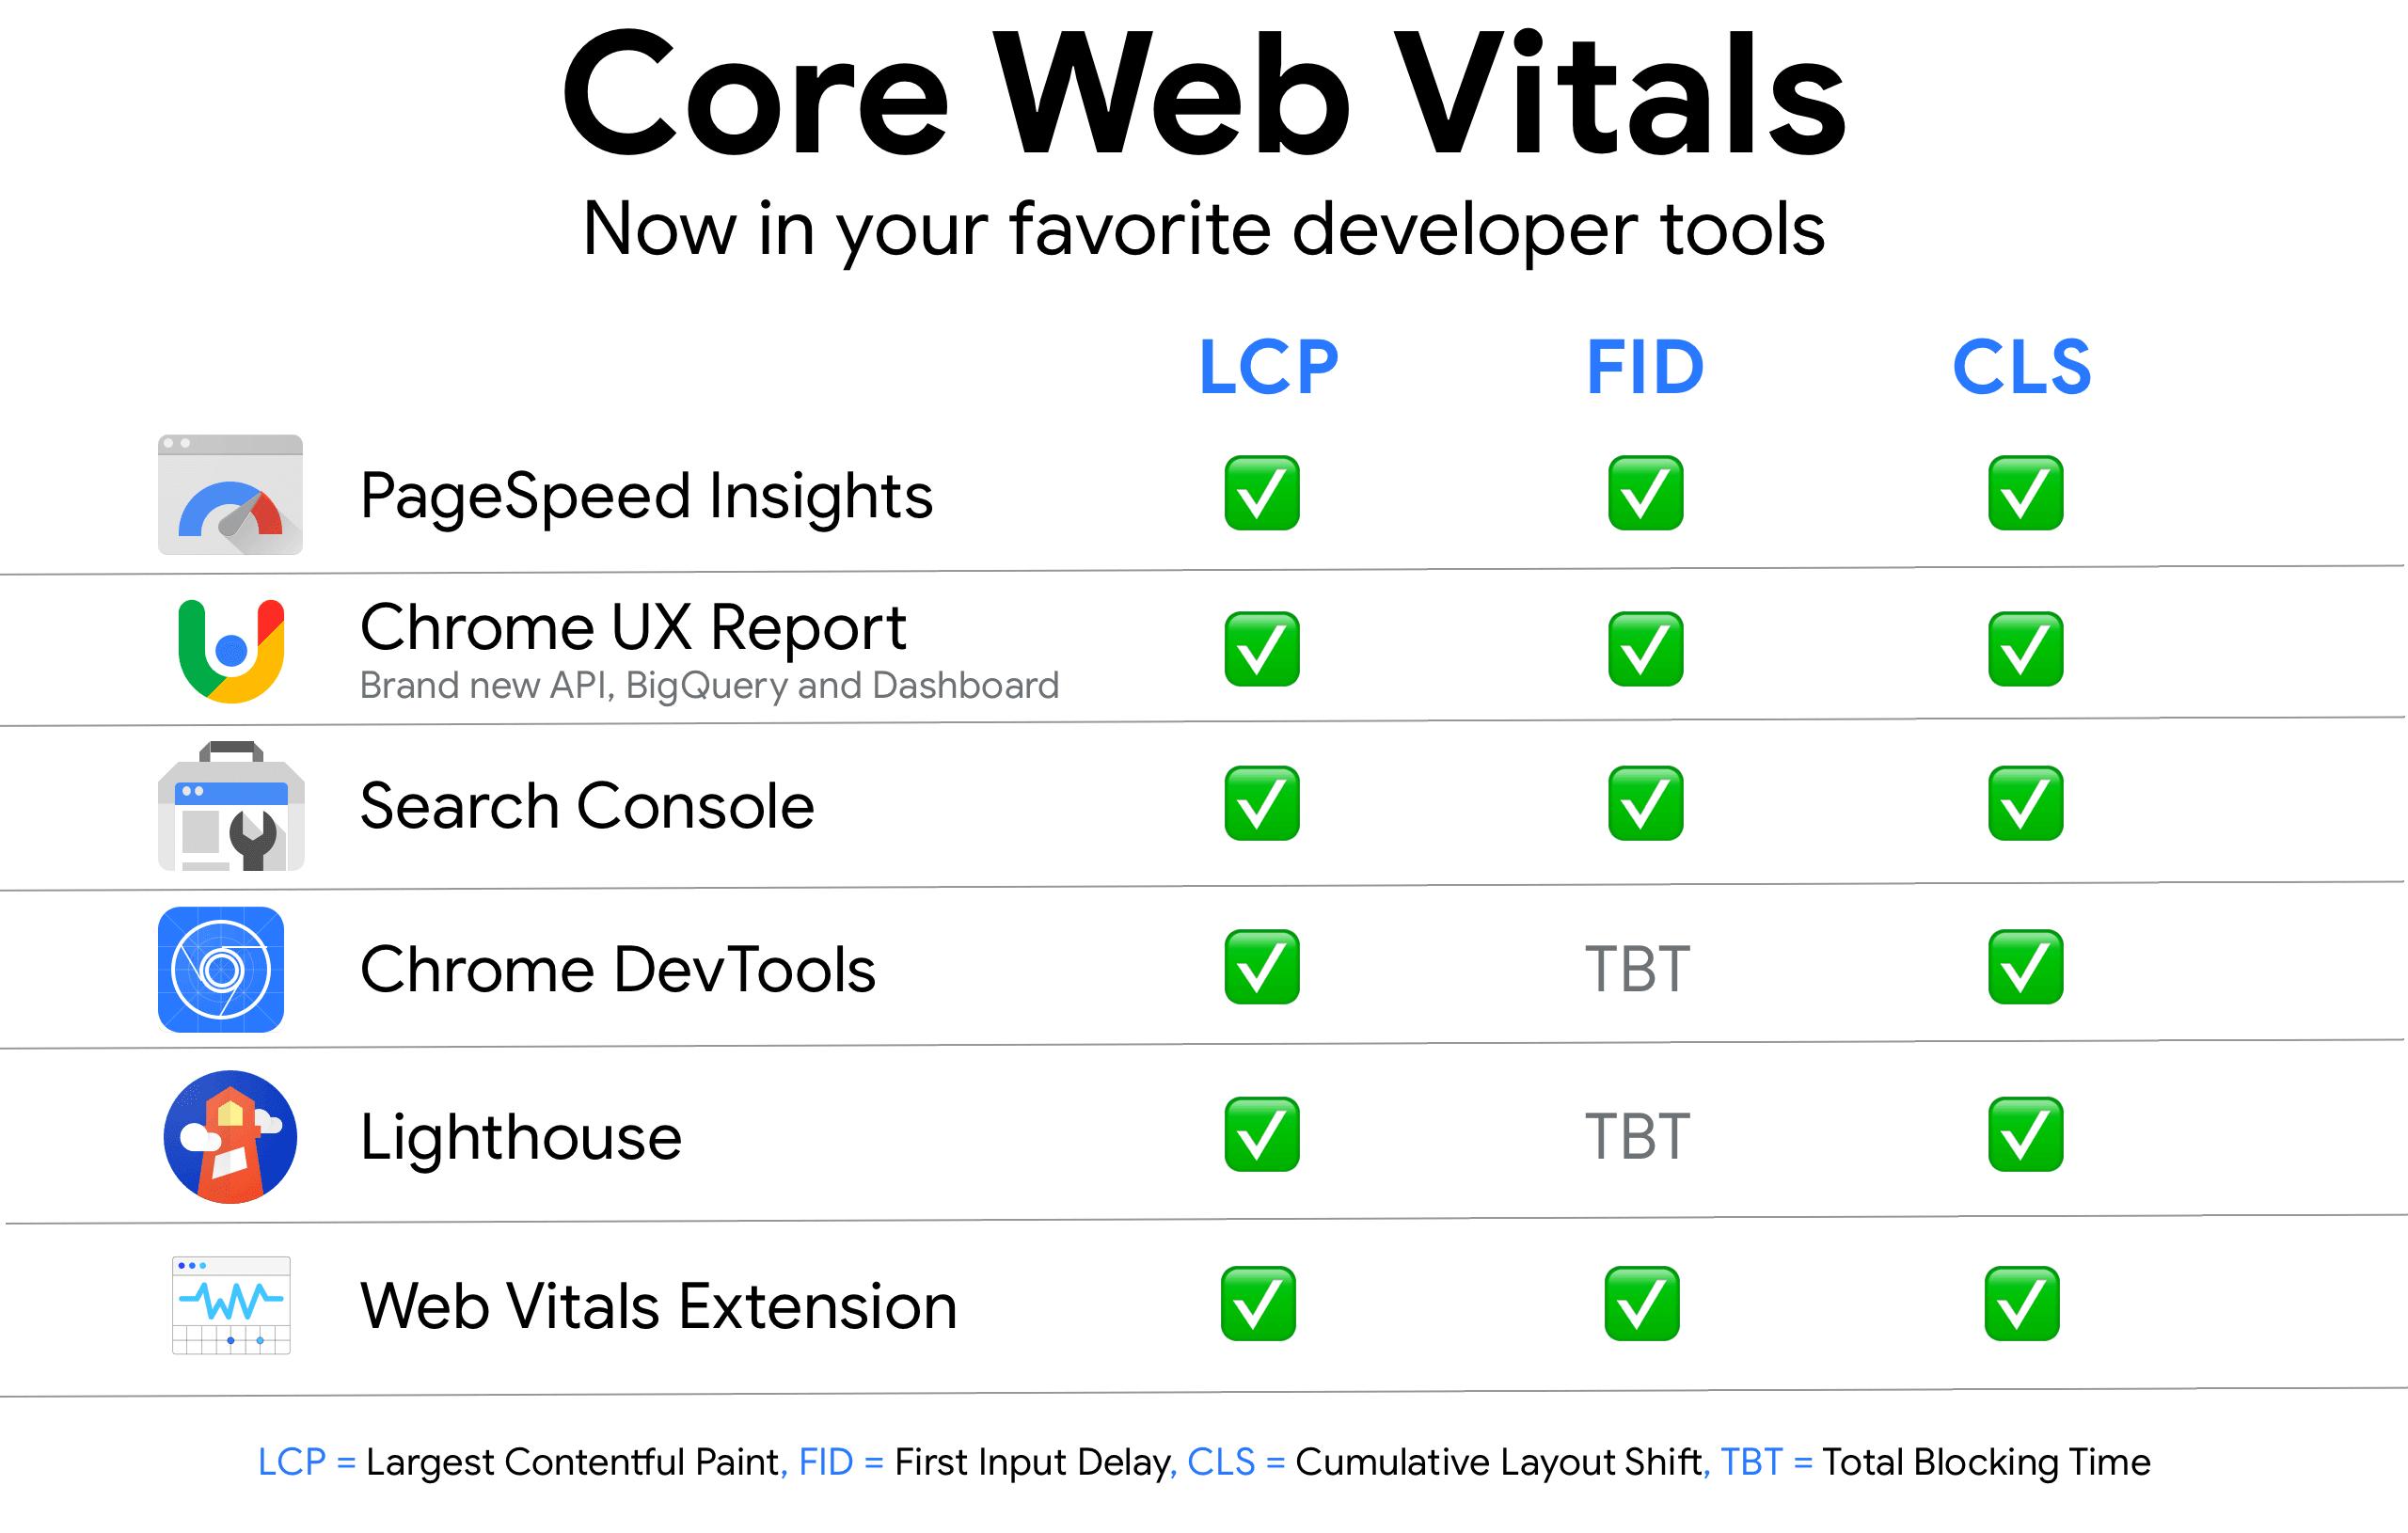 core-web-vitals-tools